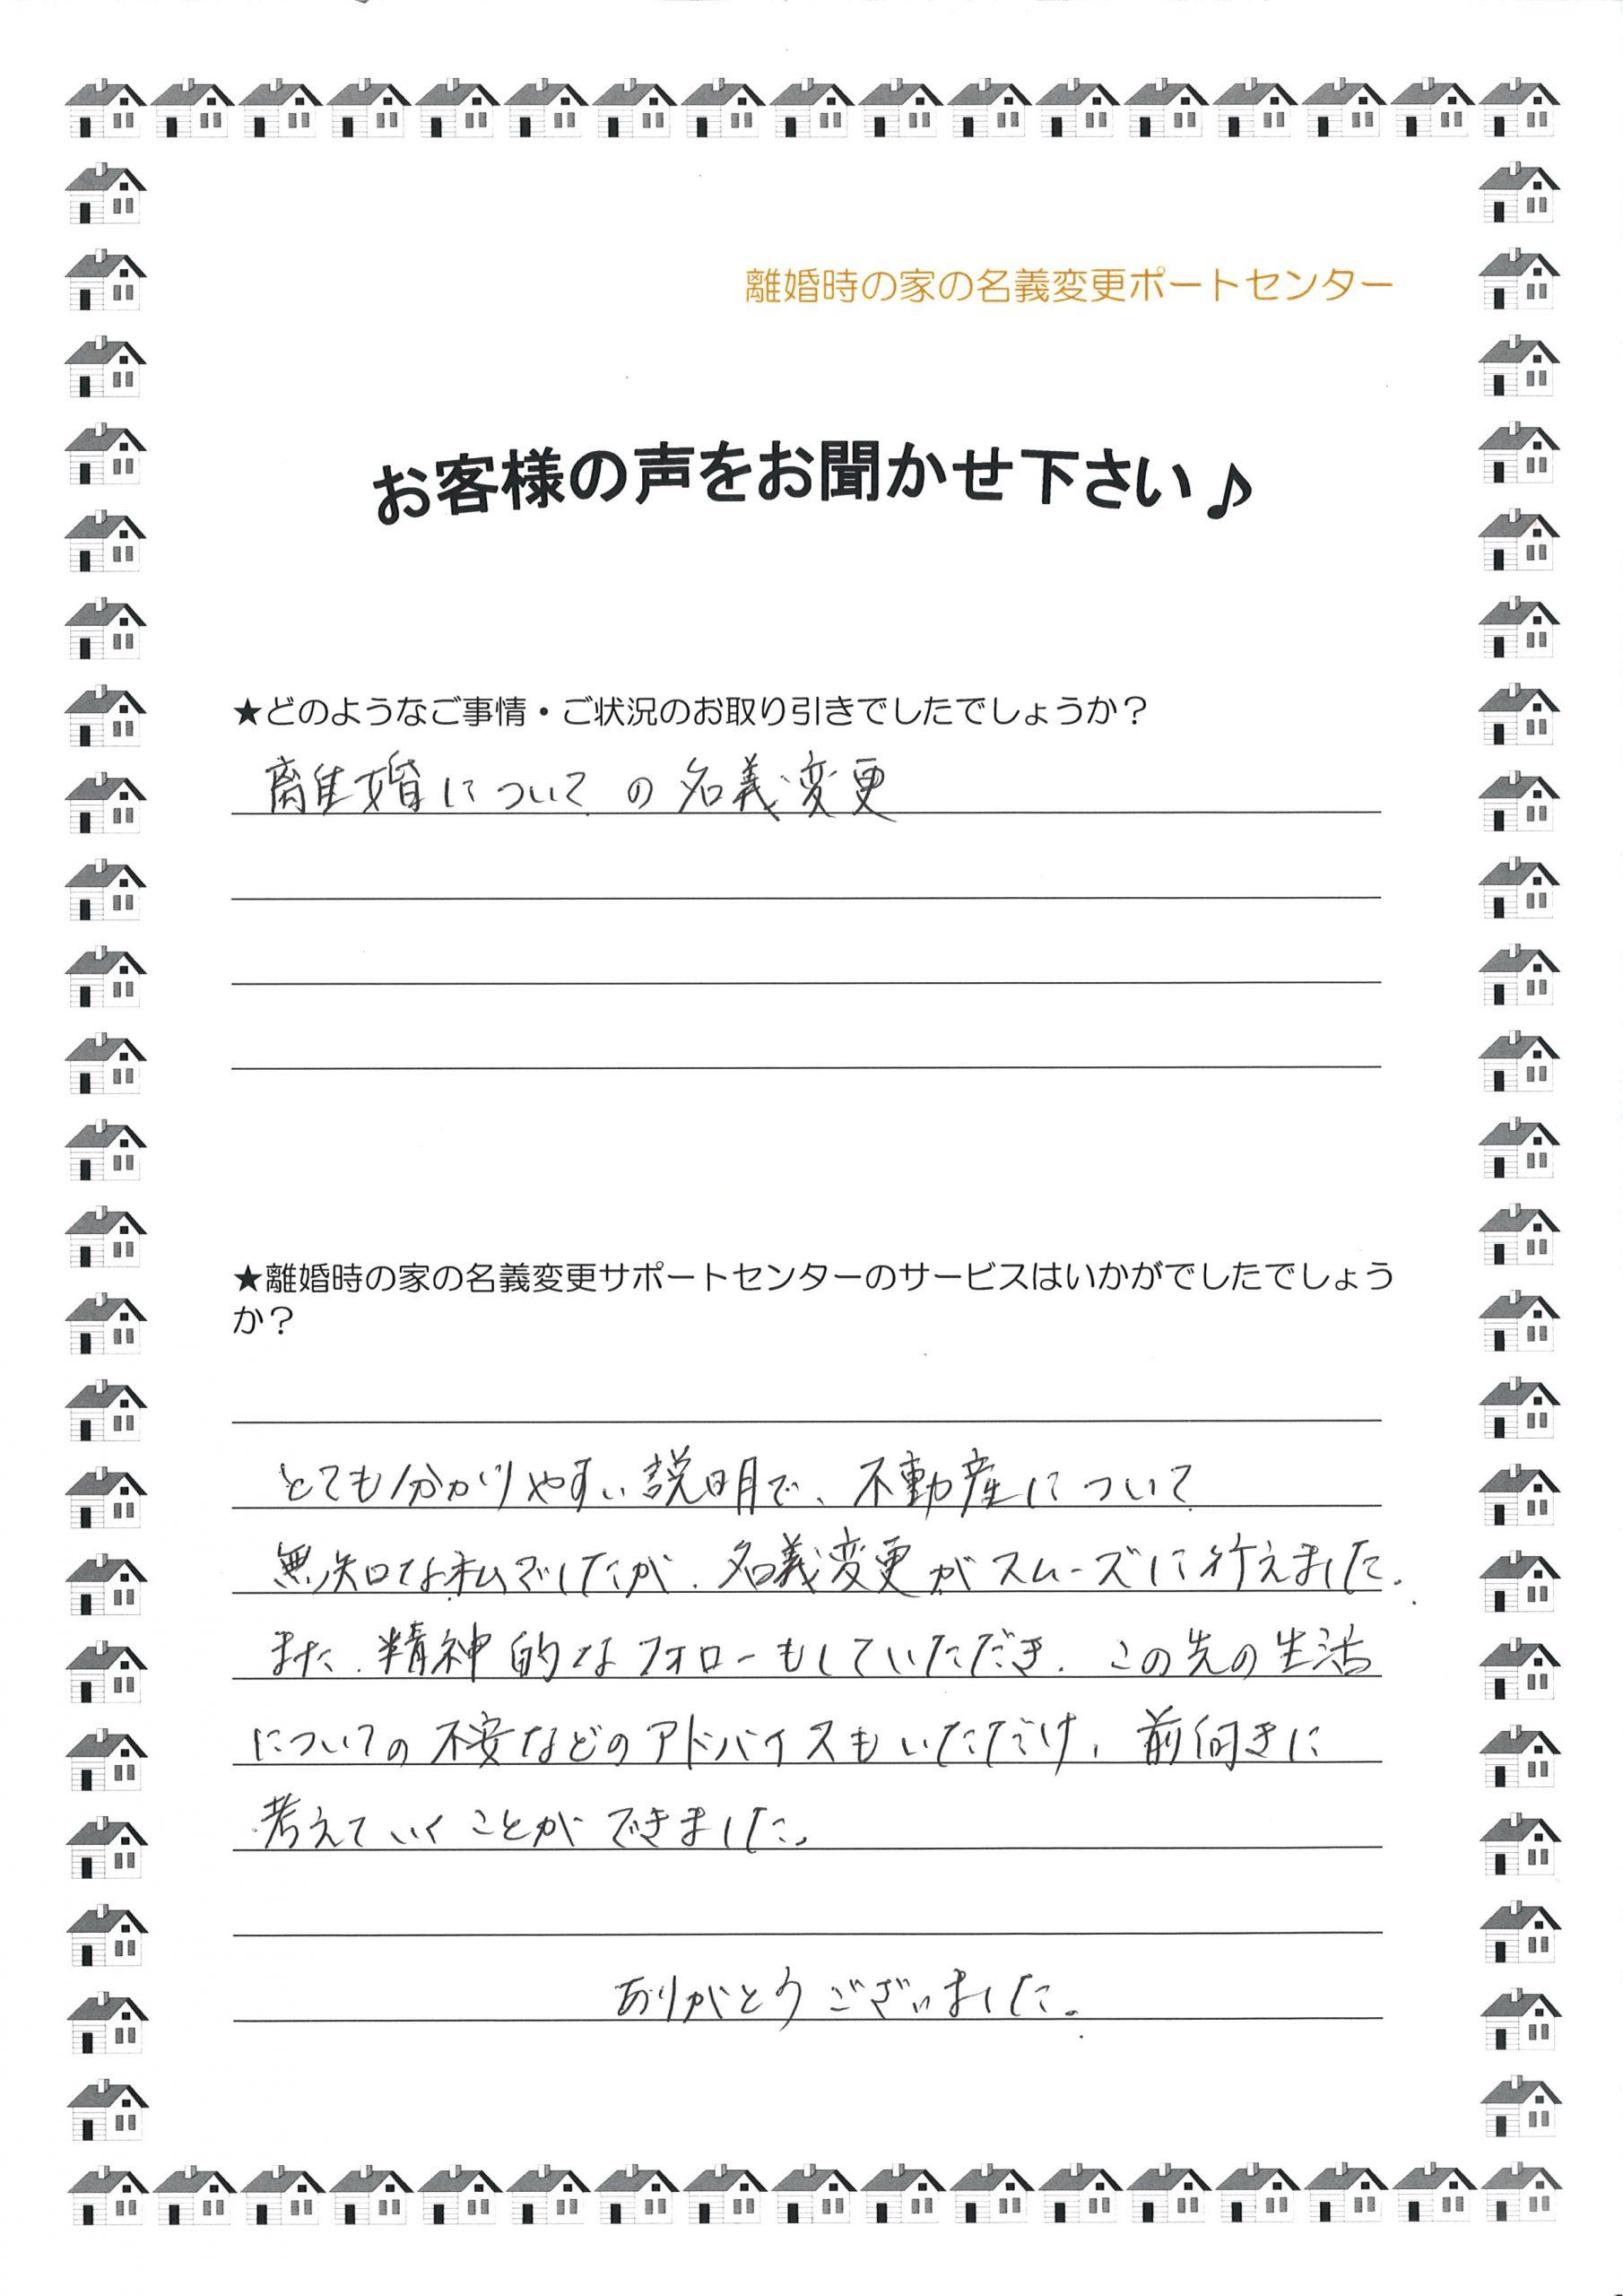 大阪府吹田市 離婚におけるマンションの名義変更 財産分与と売買 | お客様の声 | 離婚時の家の名義変更サポートセンター